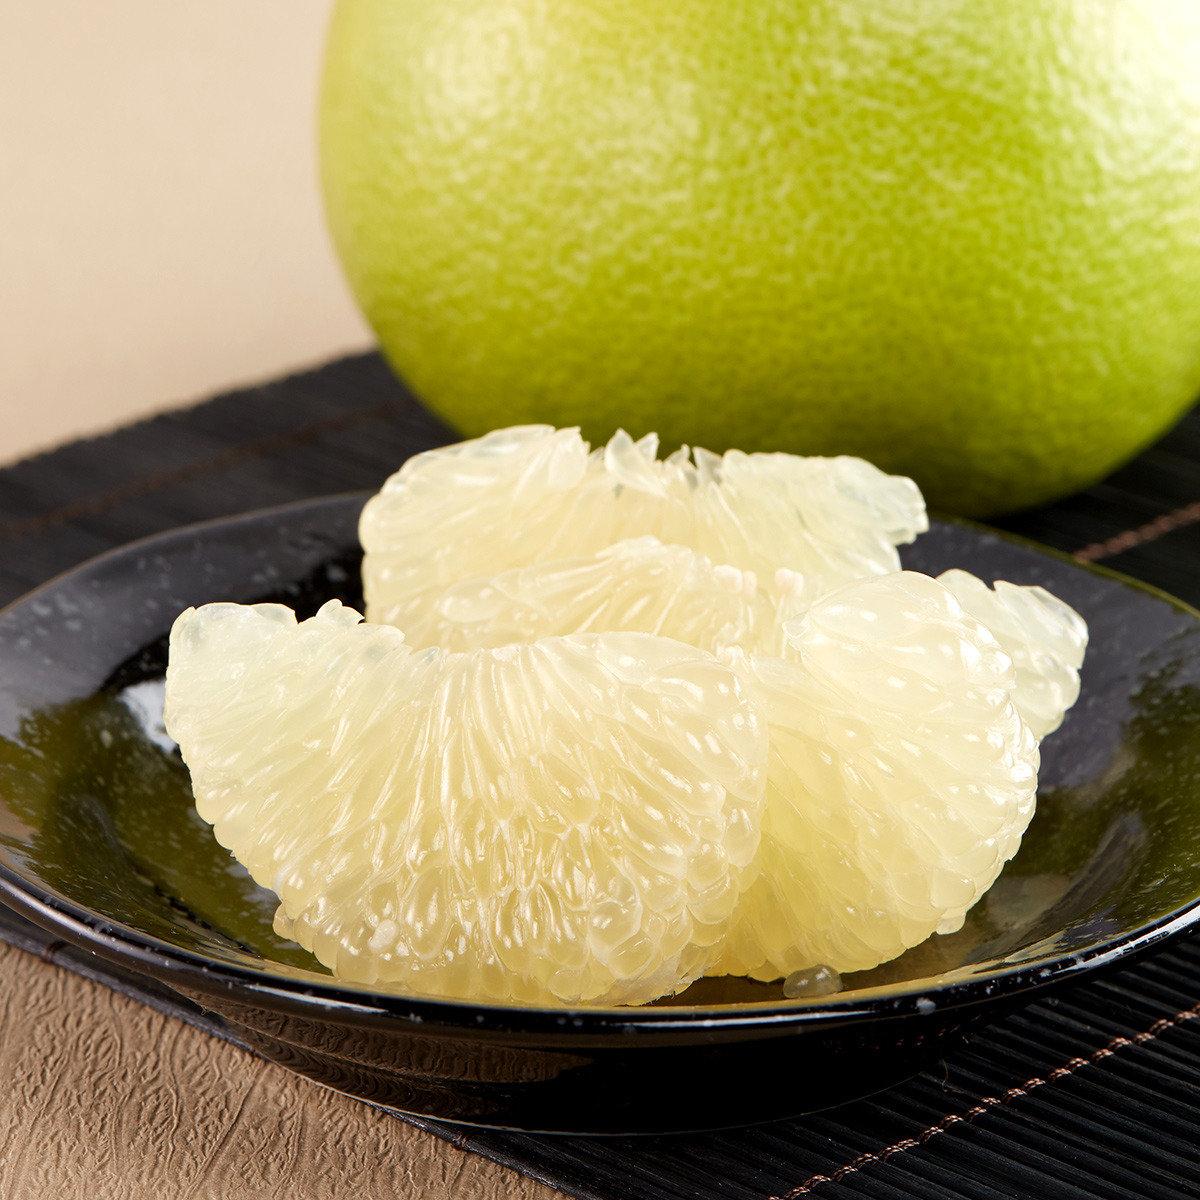 以色列甜西柚 (2個/約750-850克)